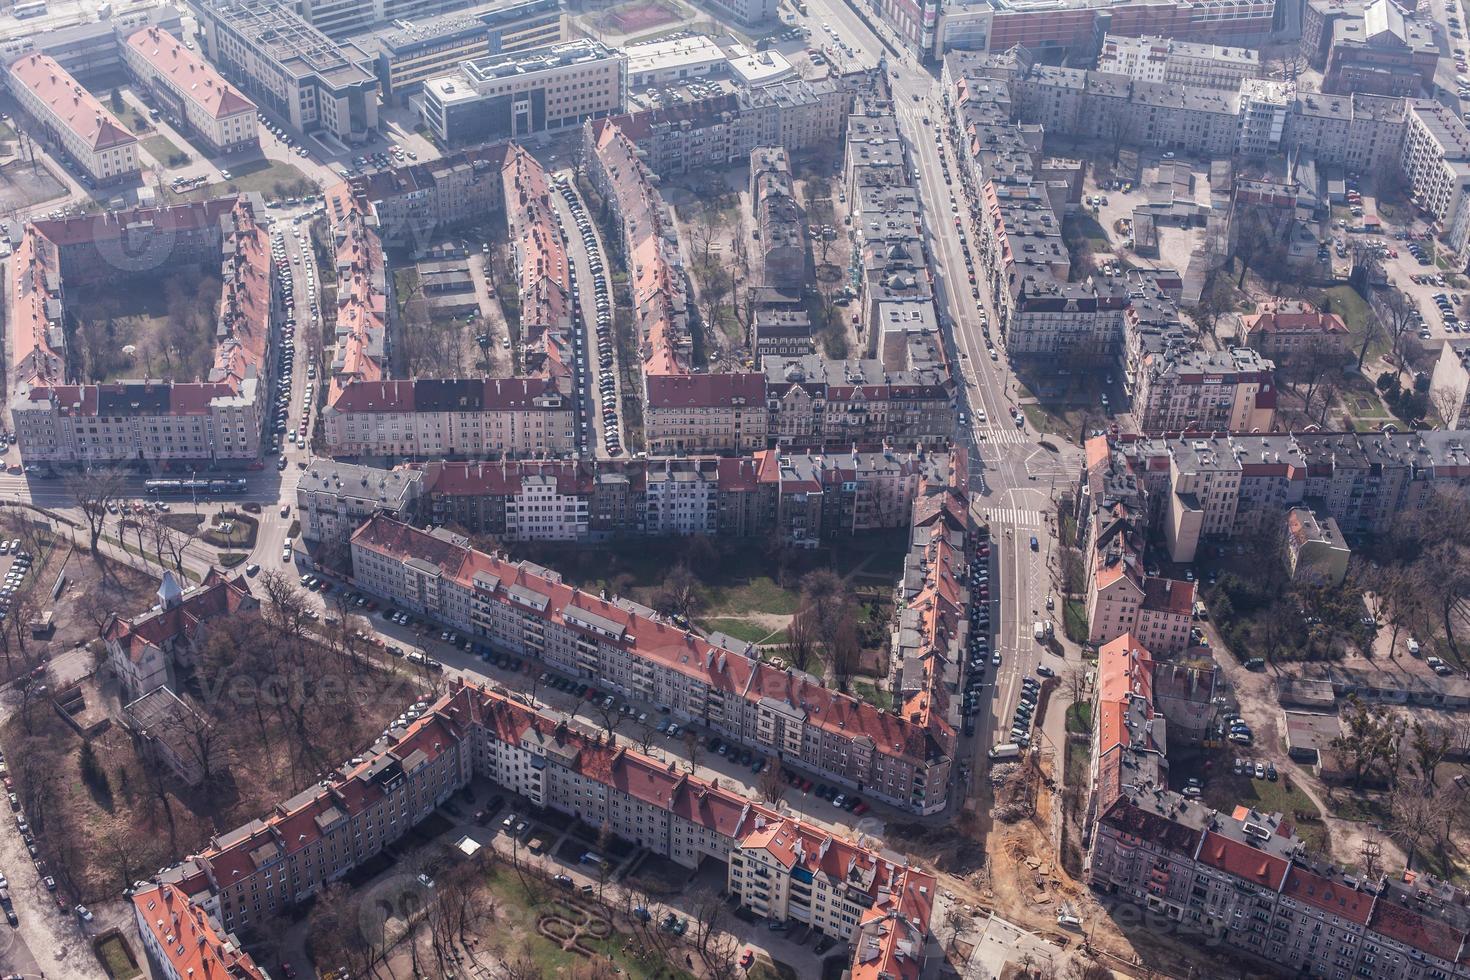 vue aérienne du centre-ville de Wroclaw photo